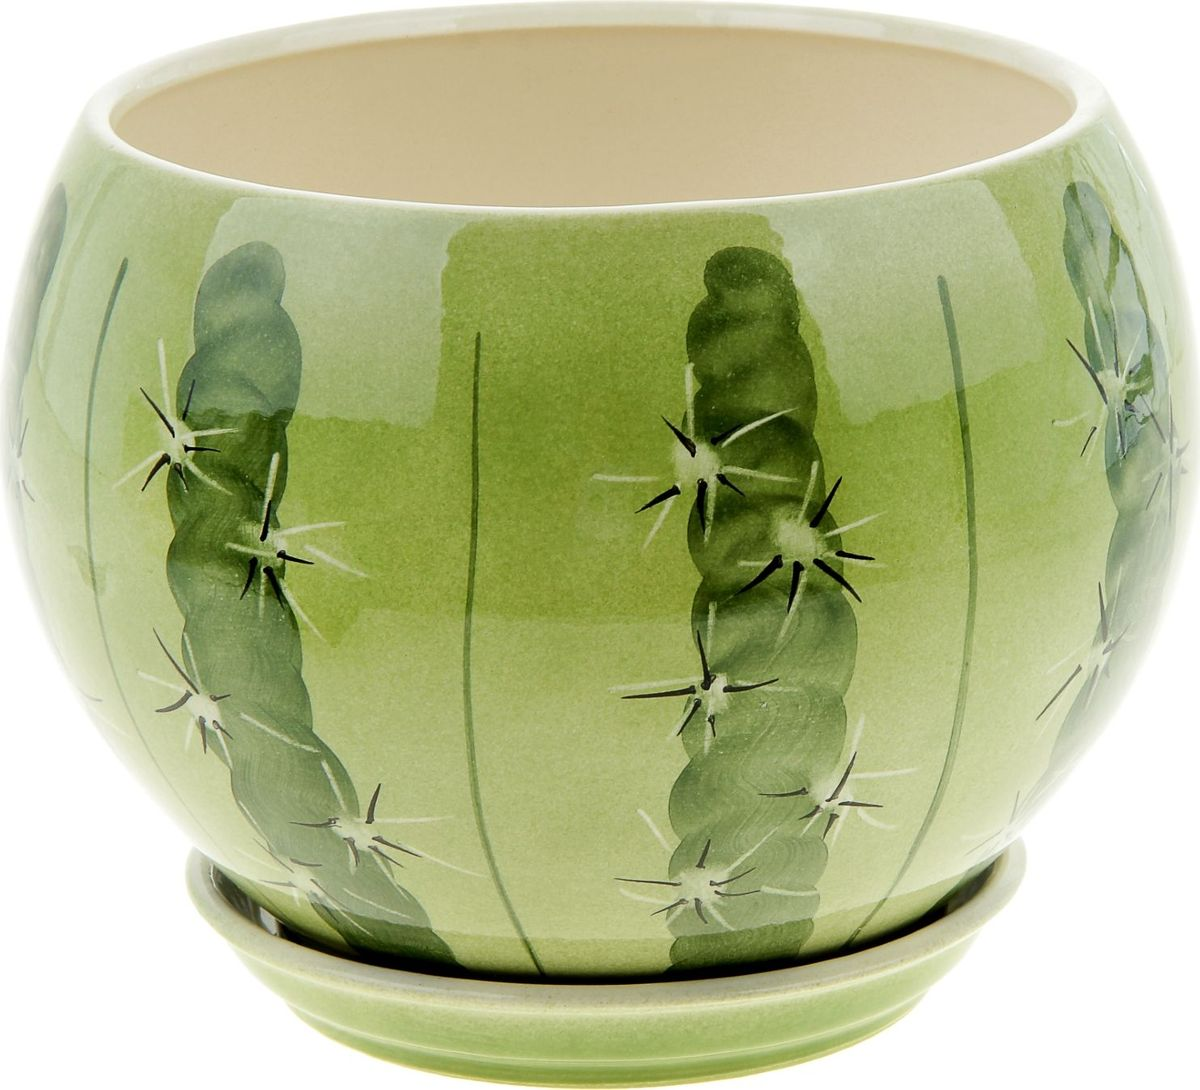 Горшок для цветов Керамика ручной работы  Шар. Кактус , 4,1 л -  Садовый декор